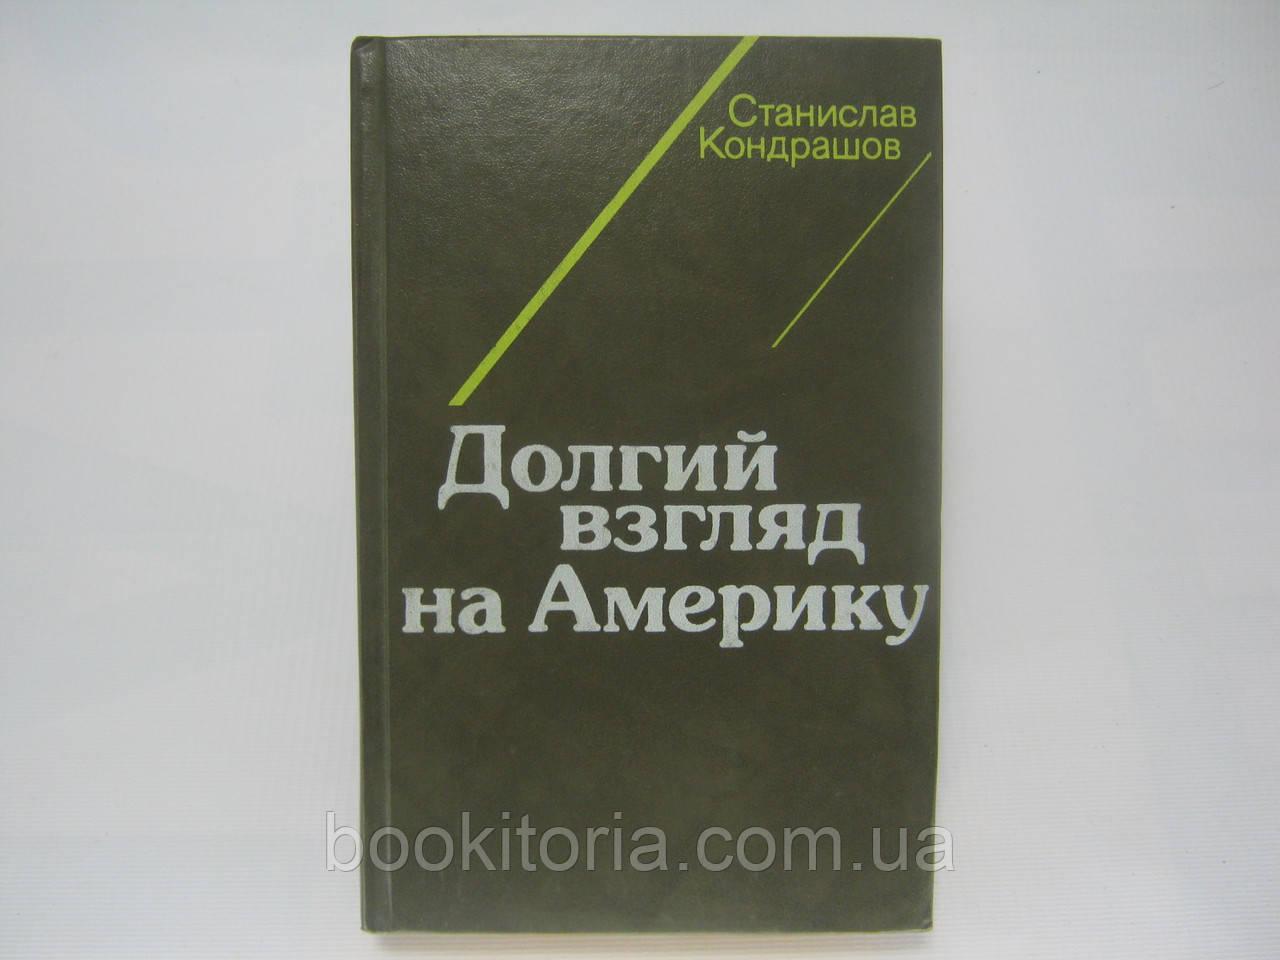 Кондрашов С. Долгий взгляд на Америку (б/у).